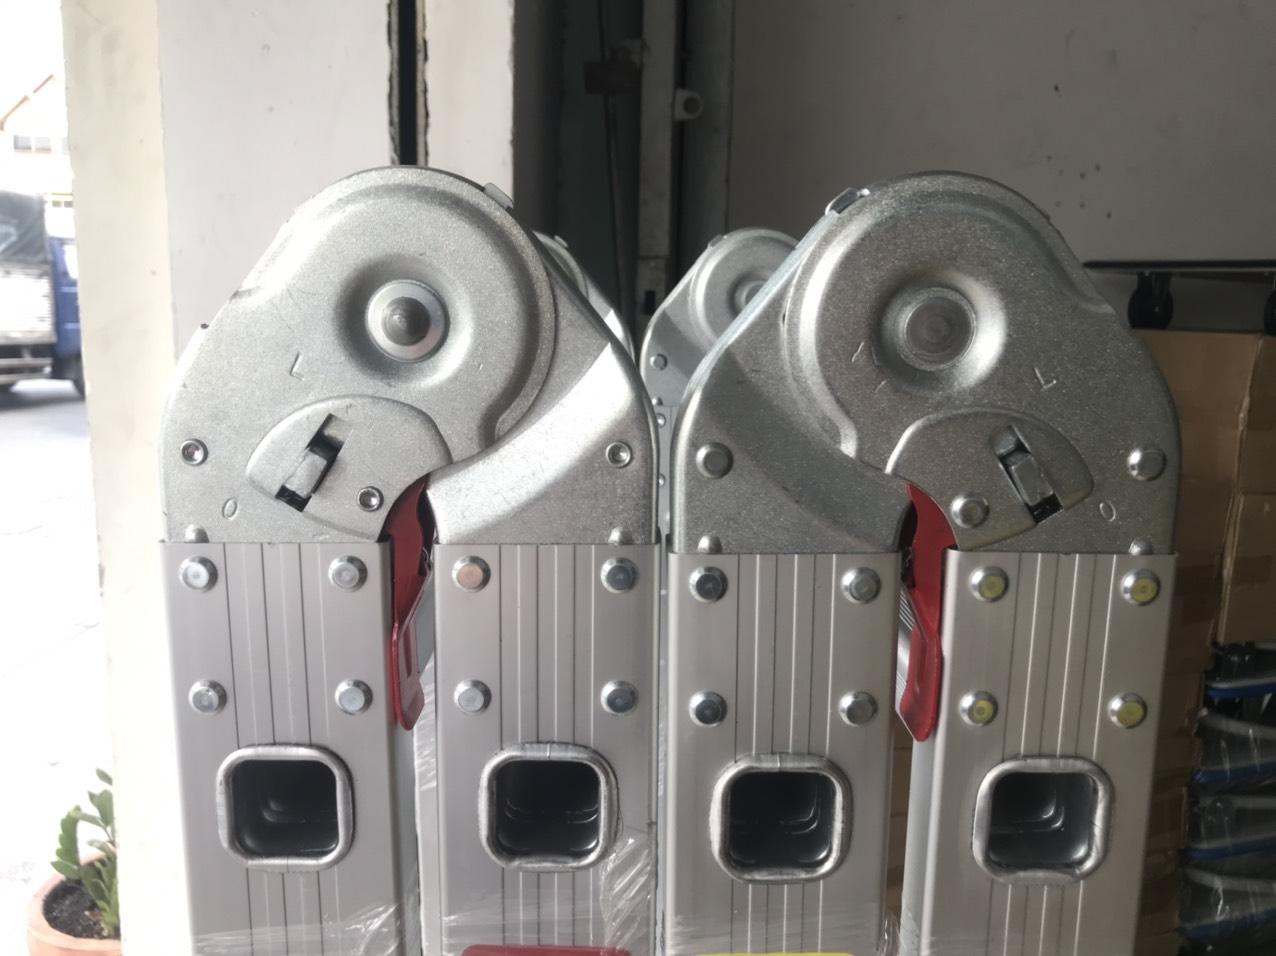 khóa thang nhôm 4 khúc giá rẻ tphcm